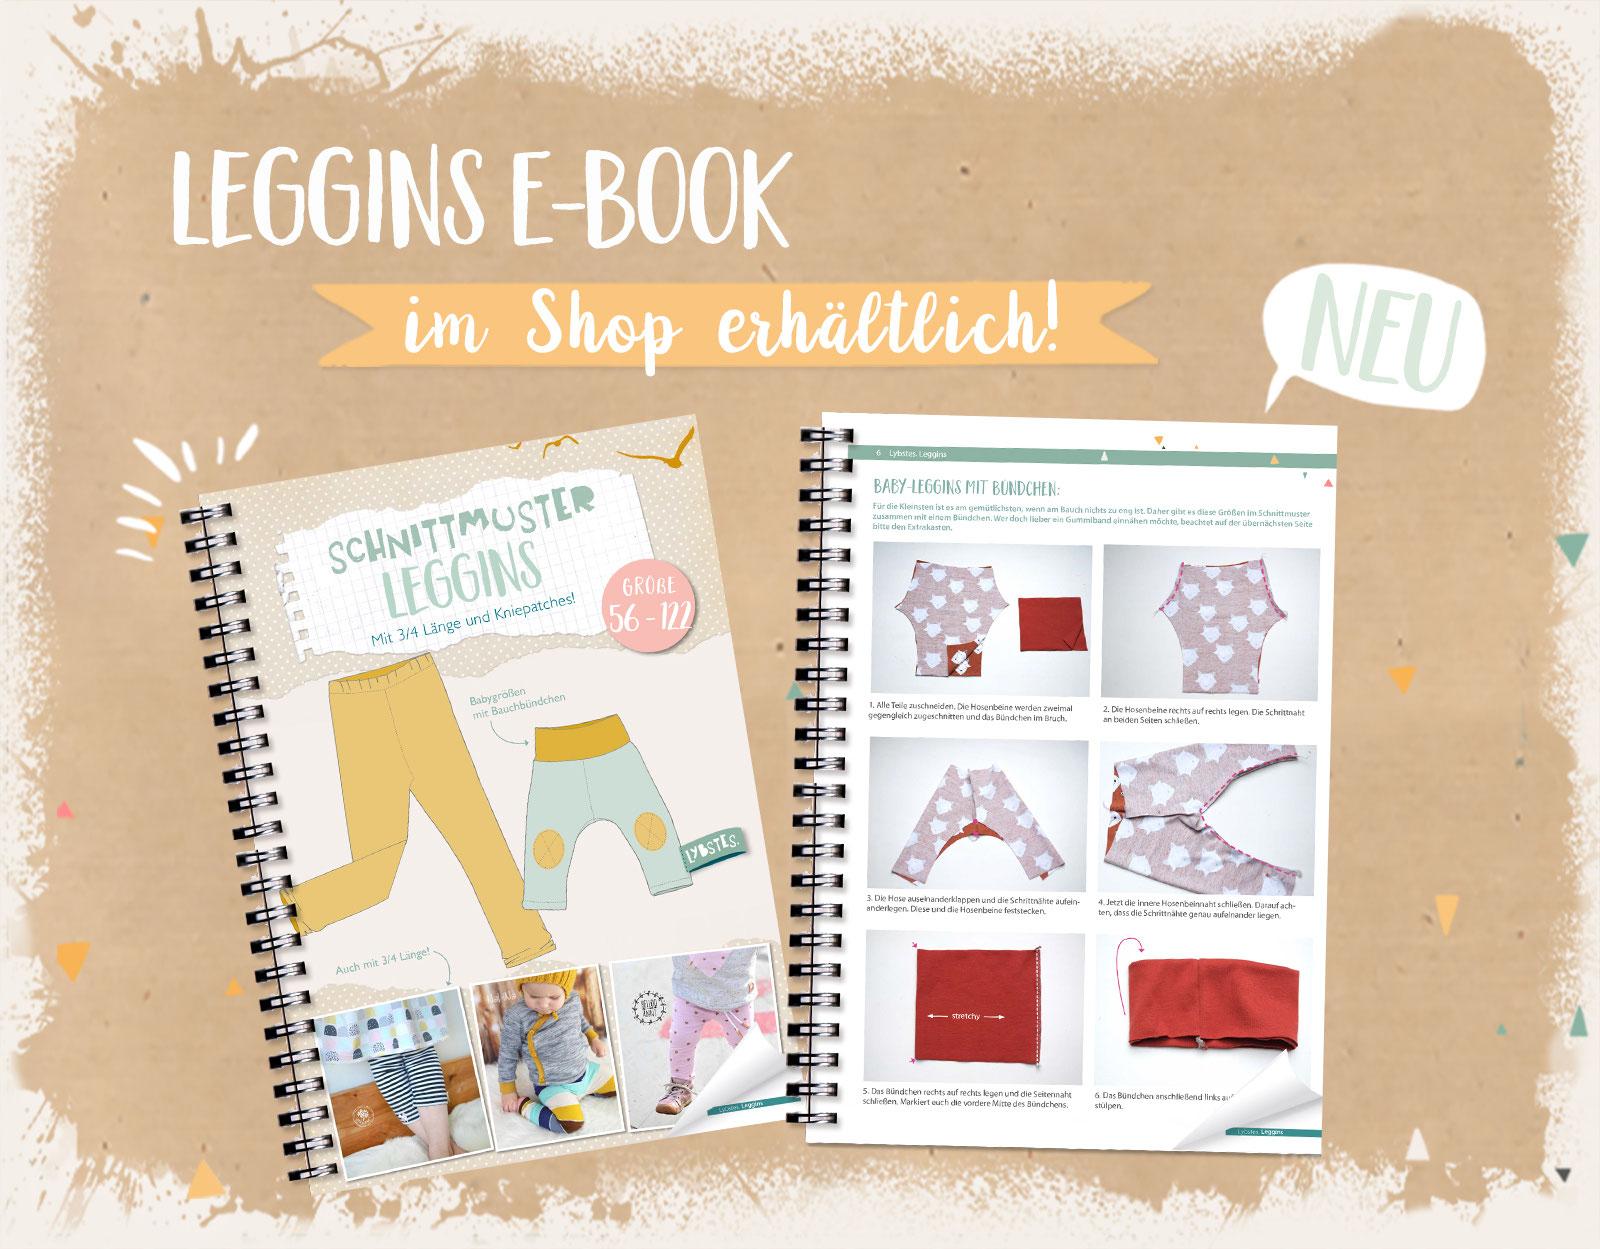 Das Leggins E-Book ist endlich im Shop eingetrudelt! - Lybstes.